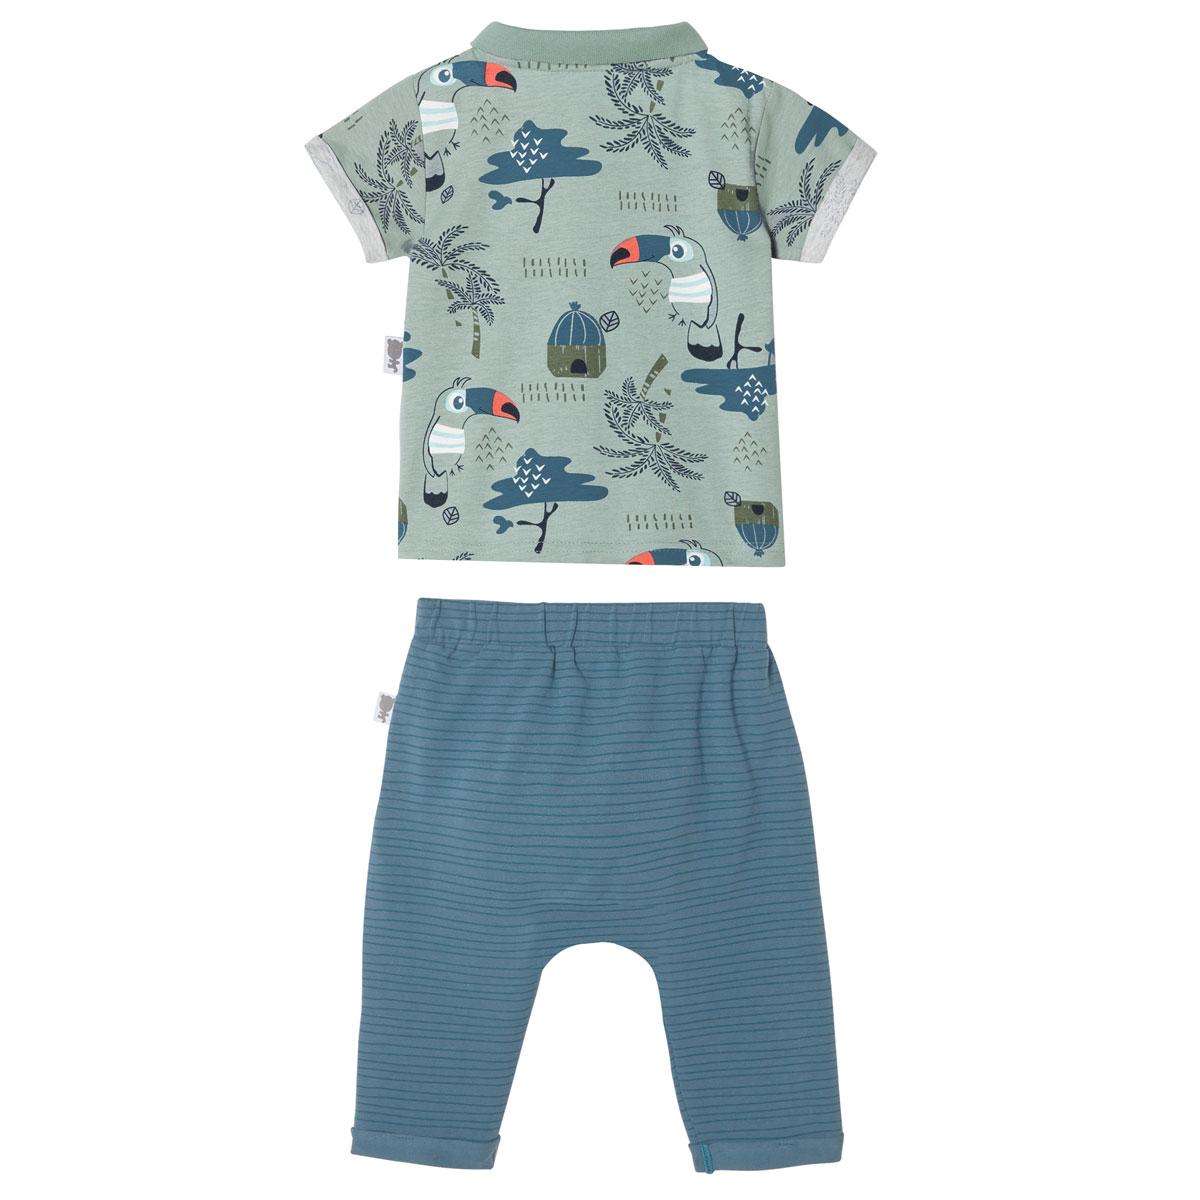 Ensemble bébé garçon chemise + pantalon Bora Bora DOS